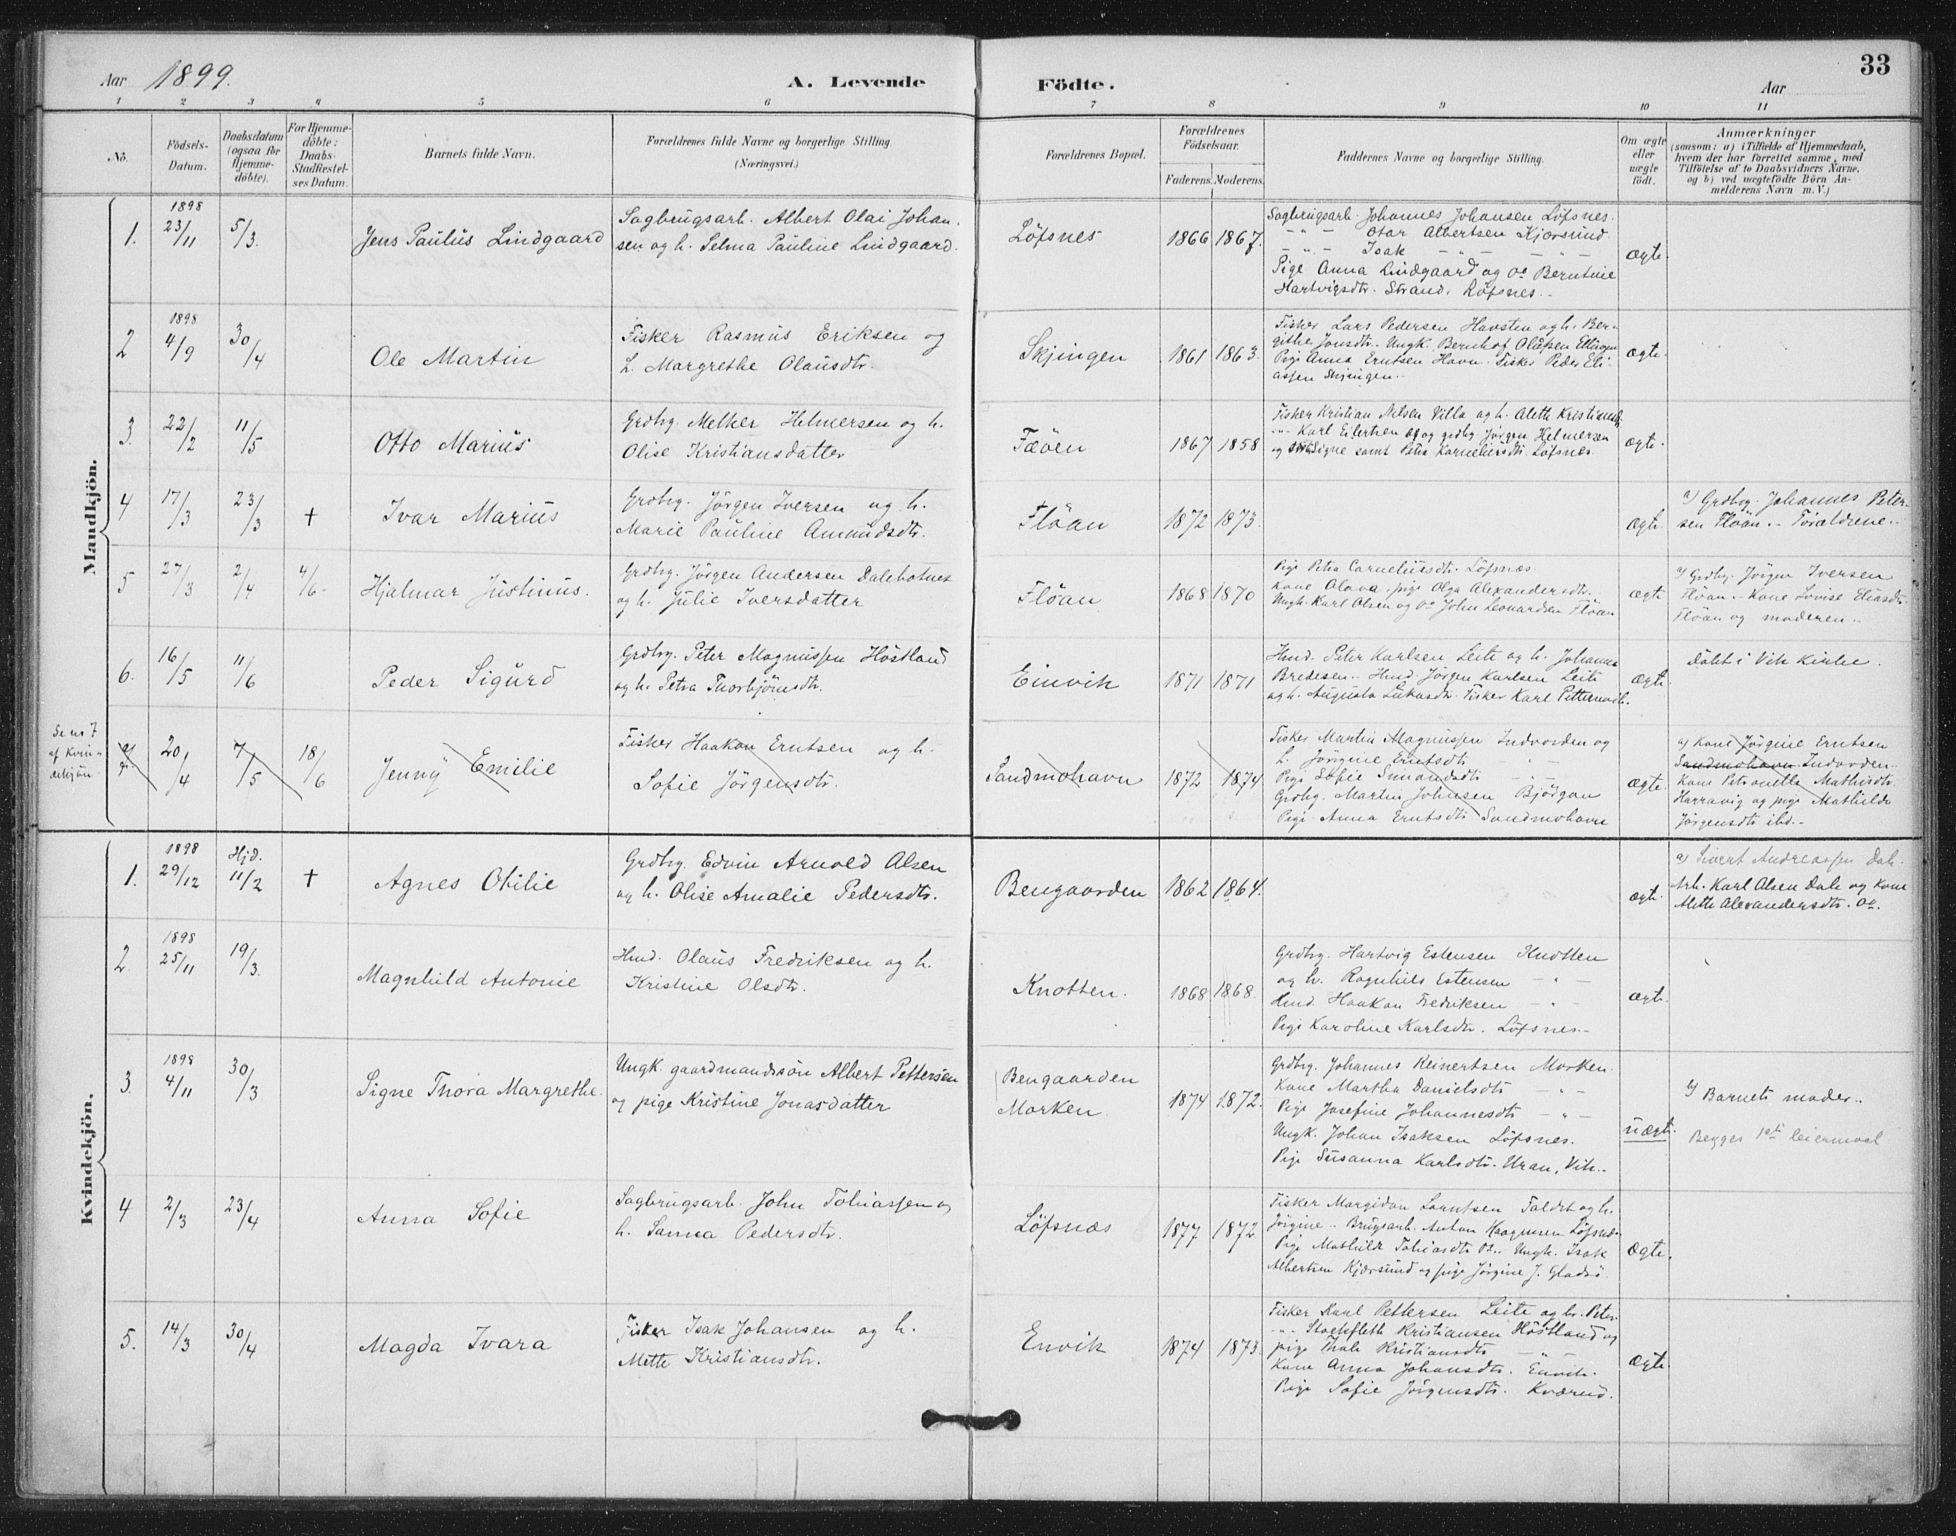 SAT, Ministerialprotokoller, klokkerbøker og fødselsregistre - Nord-Trøndelag, 772/L0603: Ministerialbok nr. 772A01, 1885-1912, s. 33